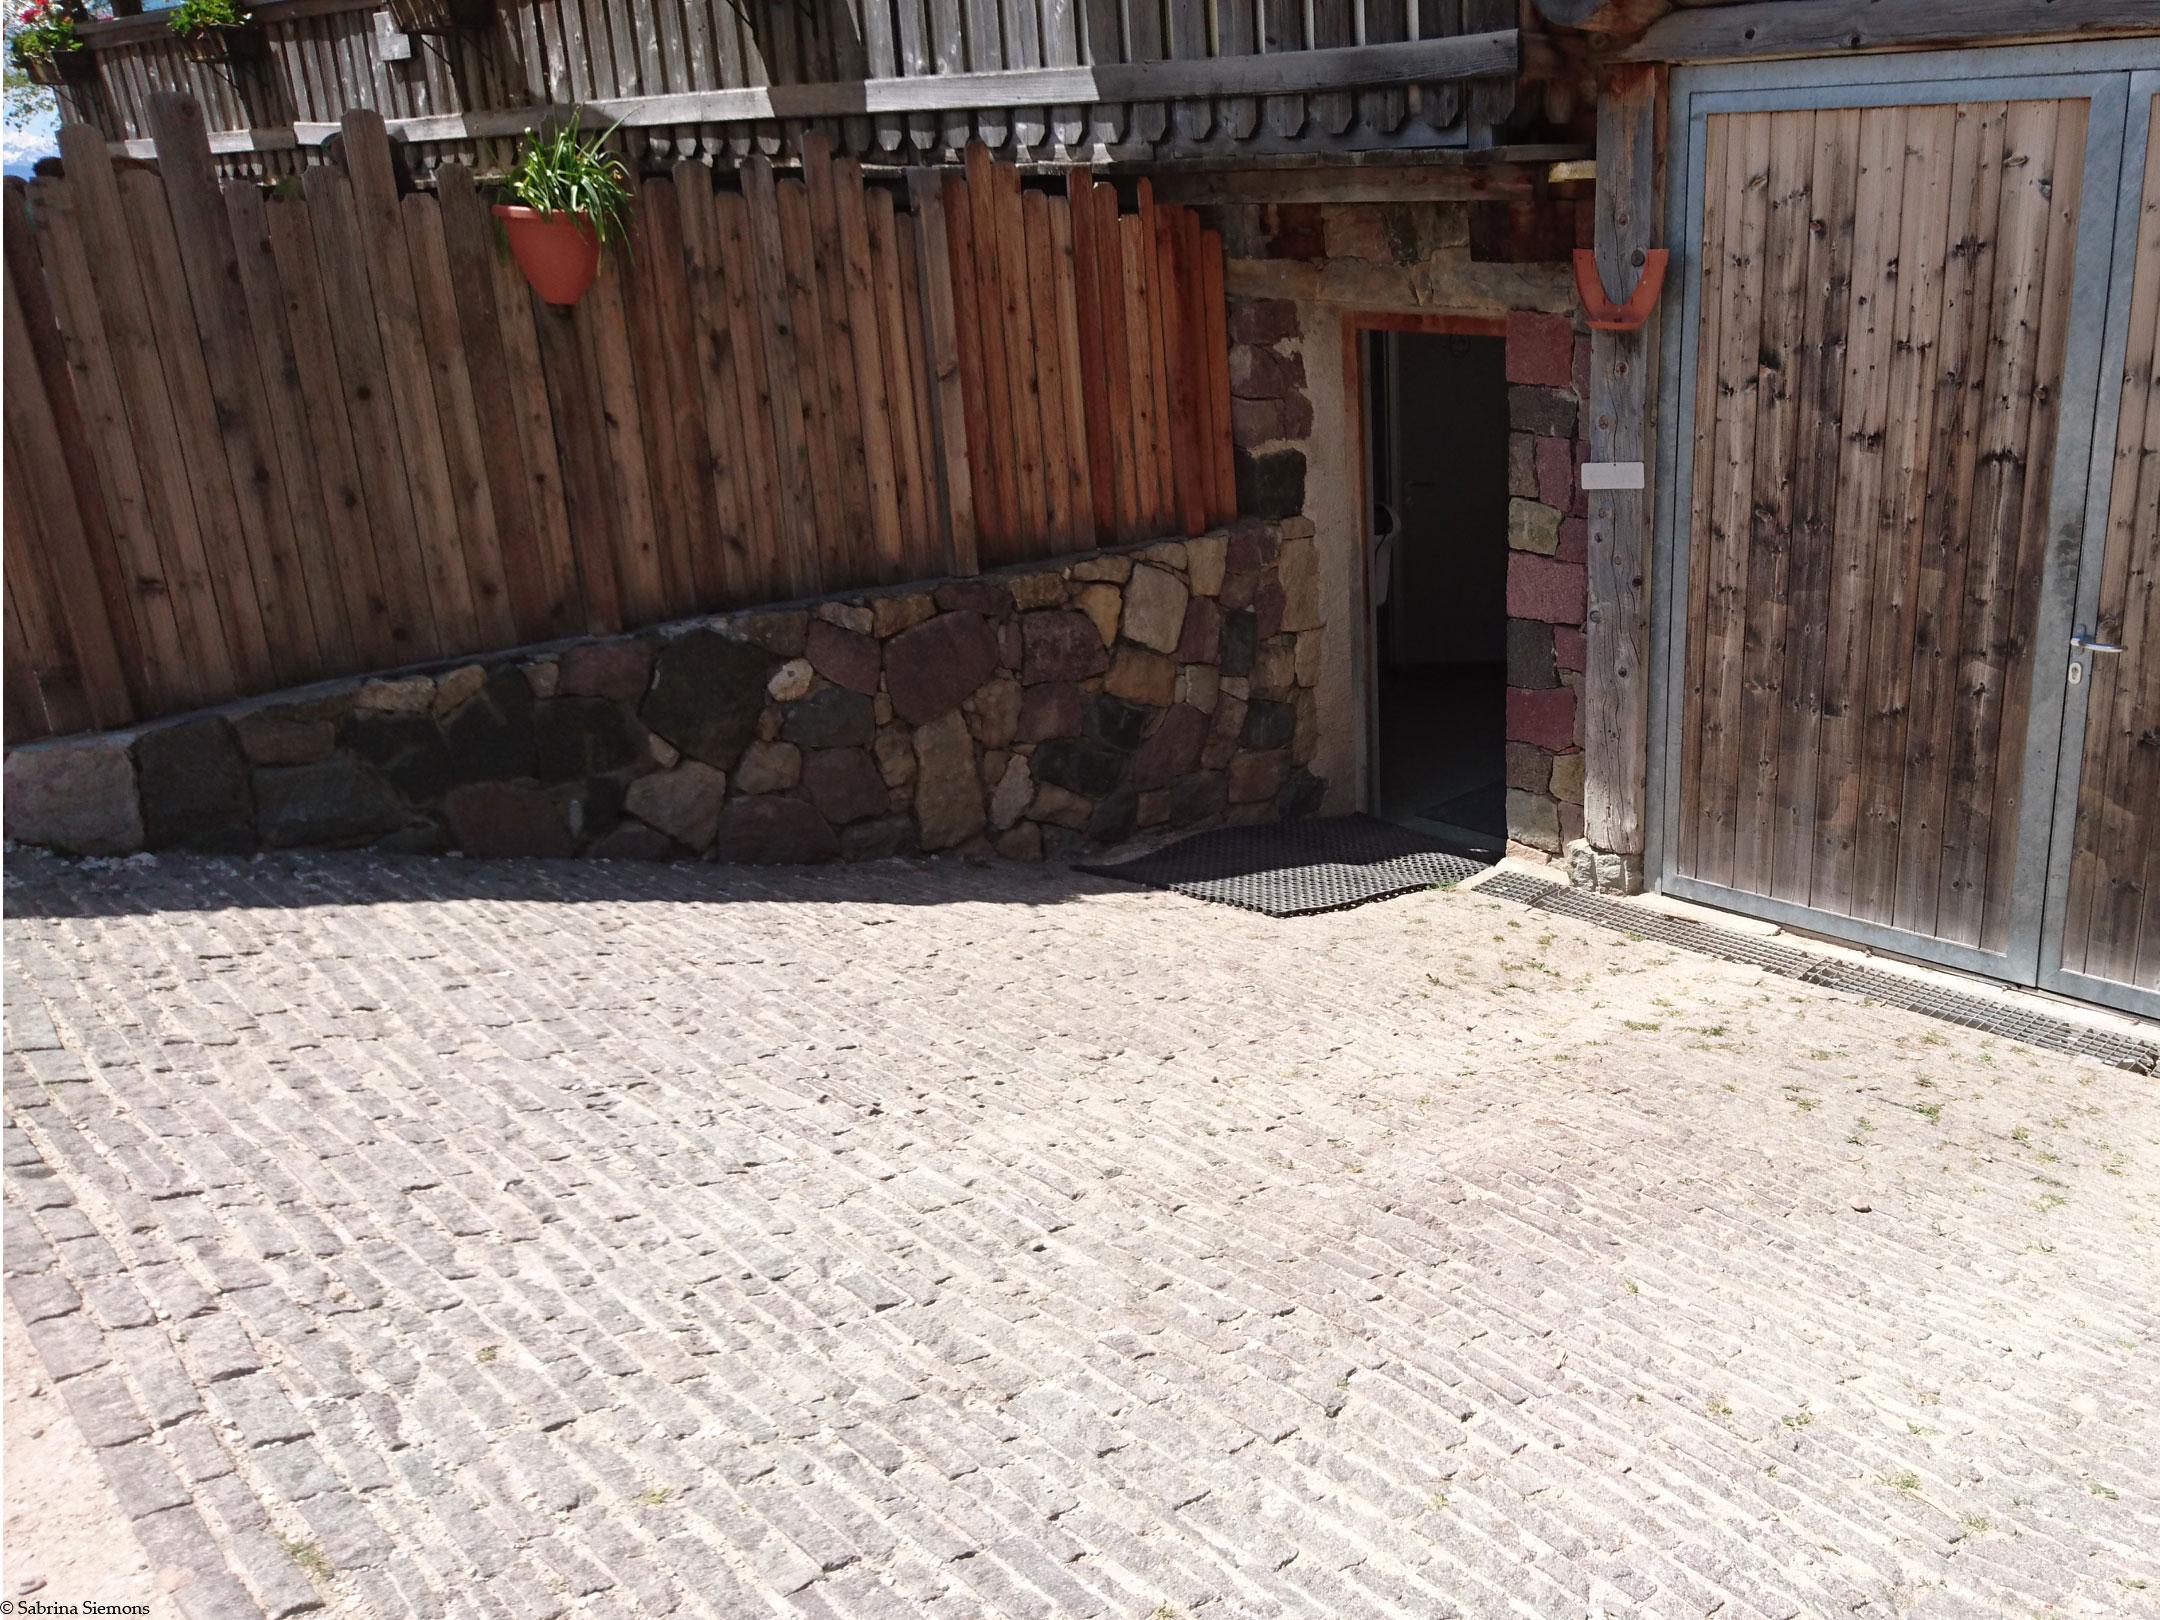 Wheelchair-Tours-Wheelchair-Tuffalm-Ramp-to-Toilets-1-1